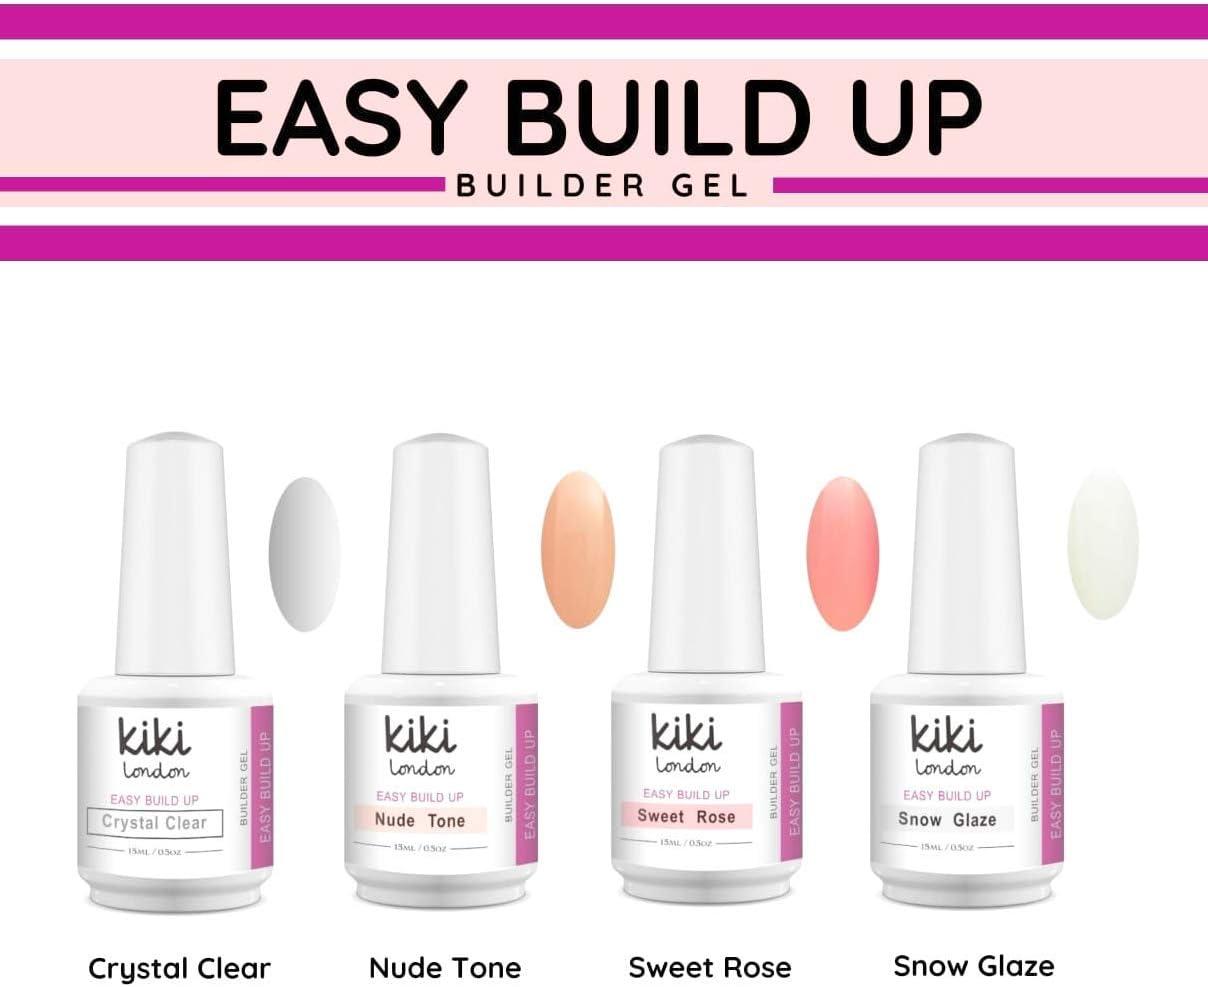 Easy Build Up – Gel de constructor por Kiki London | Pack de 4 | Esmalte de gel soak off/UV/LED | calidad de salón de preimum | grande 15 ml: Amazon.es: Belleza